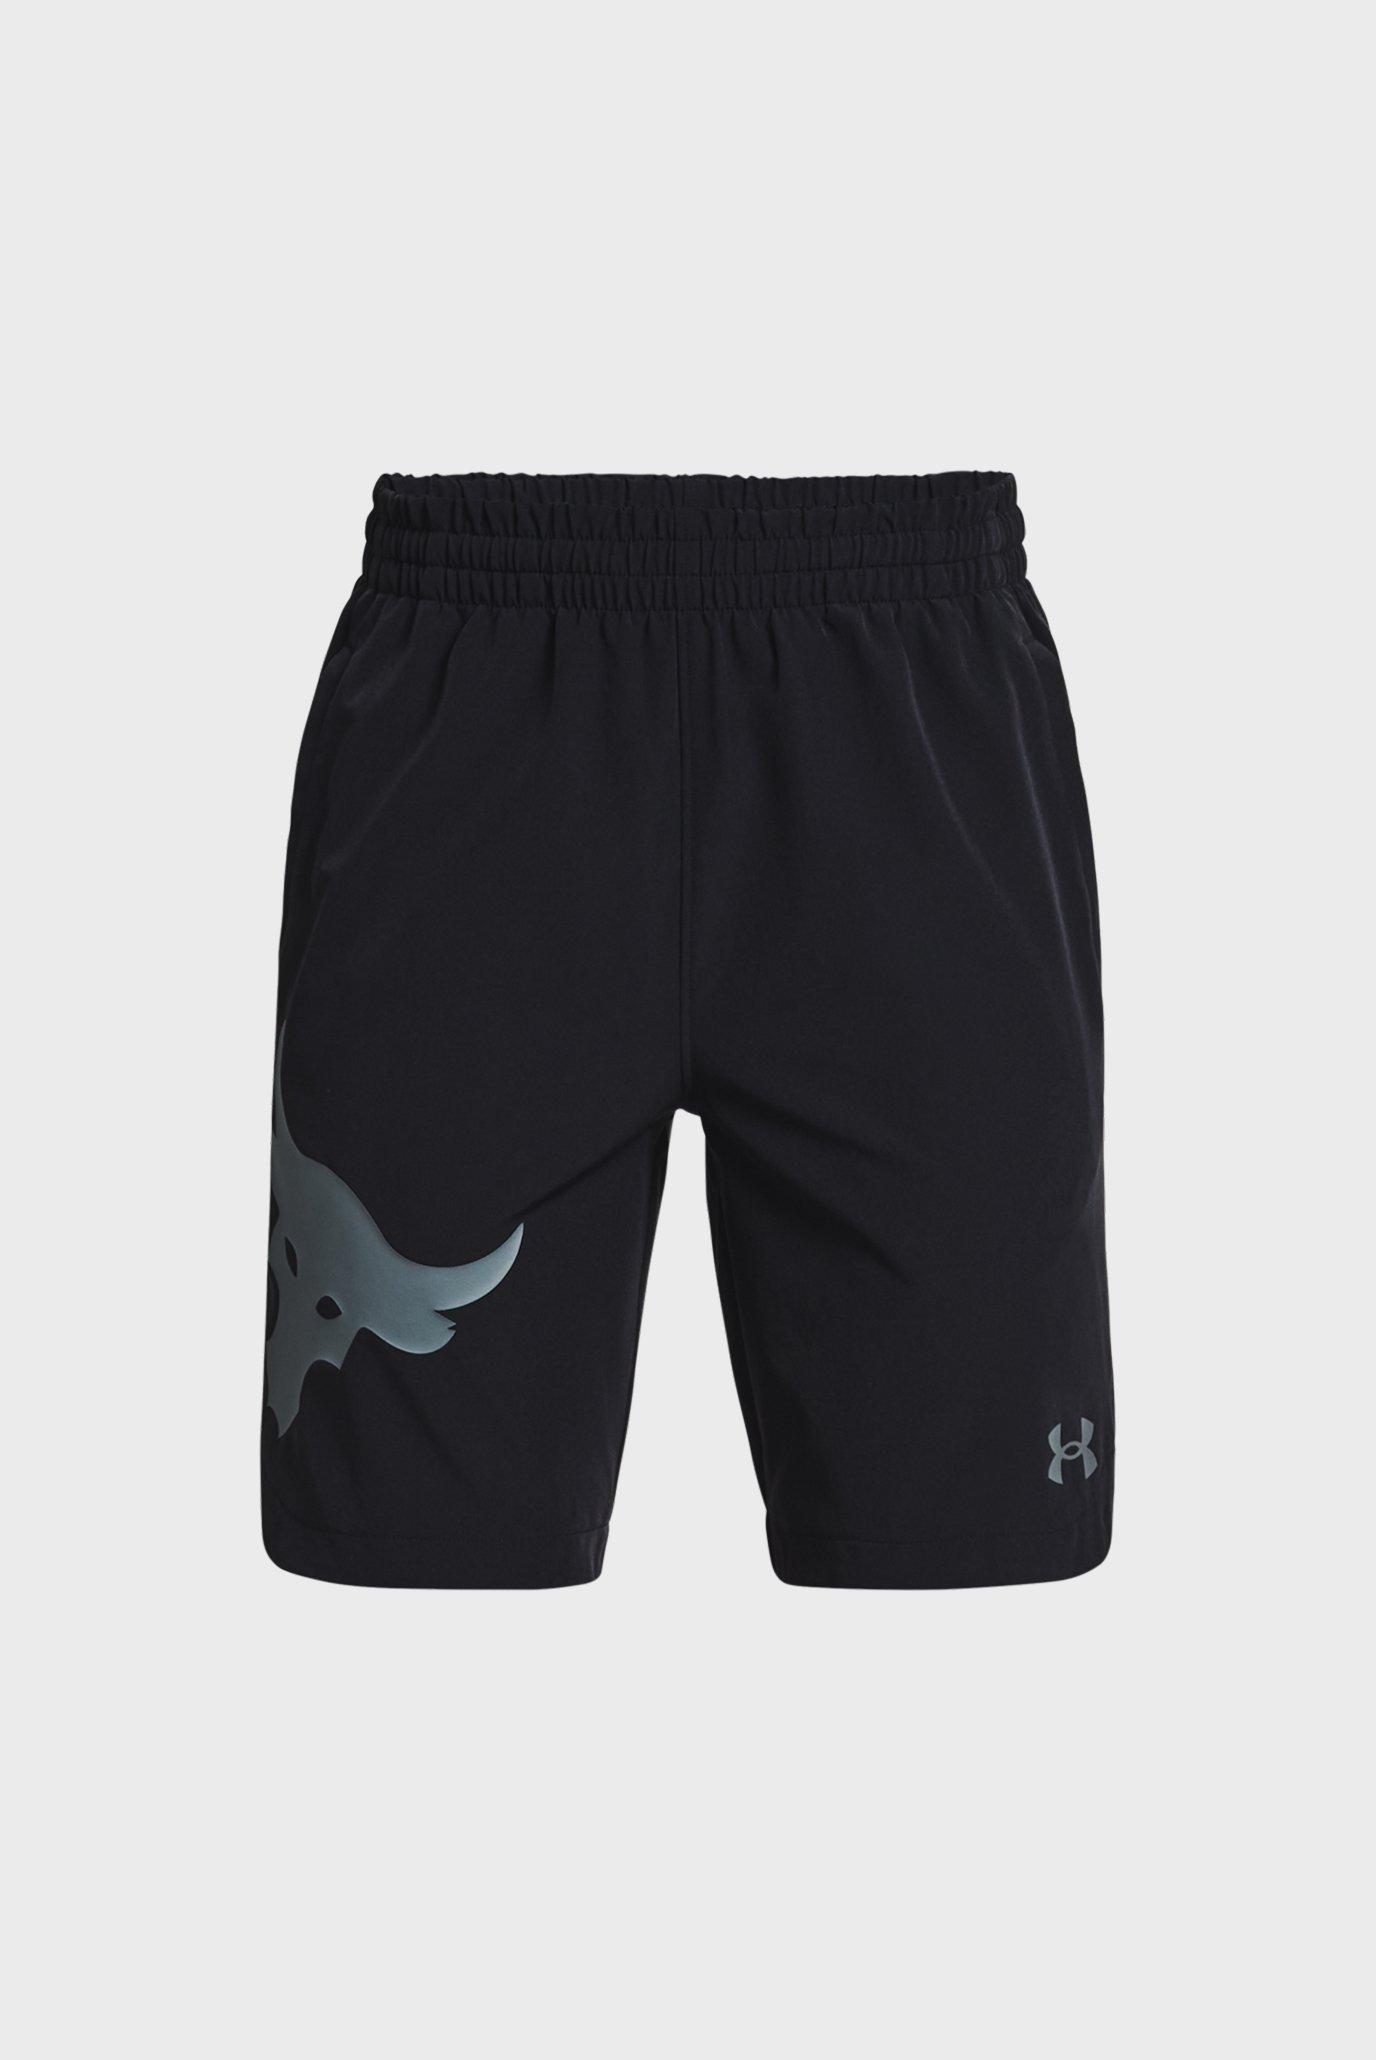 Детские черные шорты UA Project Rock Woven Shorts 1